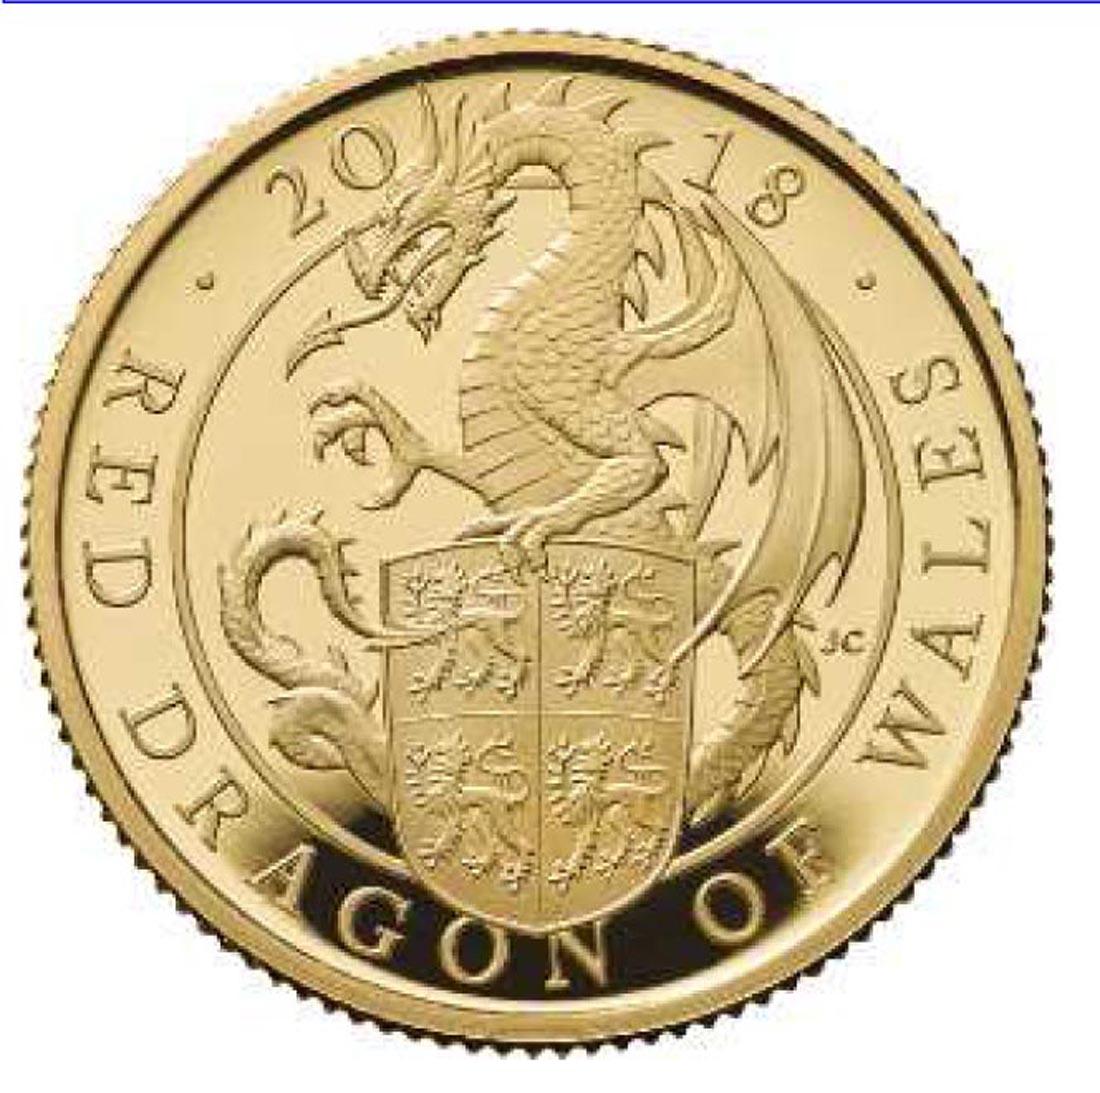 Übersicht:Großbritannien : 25 Pfund The Queen's Beasts Der rote Drache von Wales  2018 PP